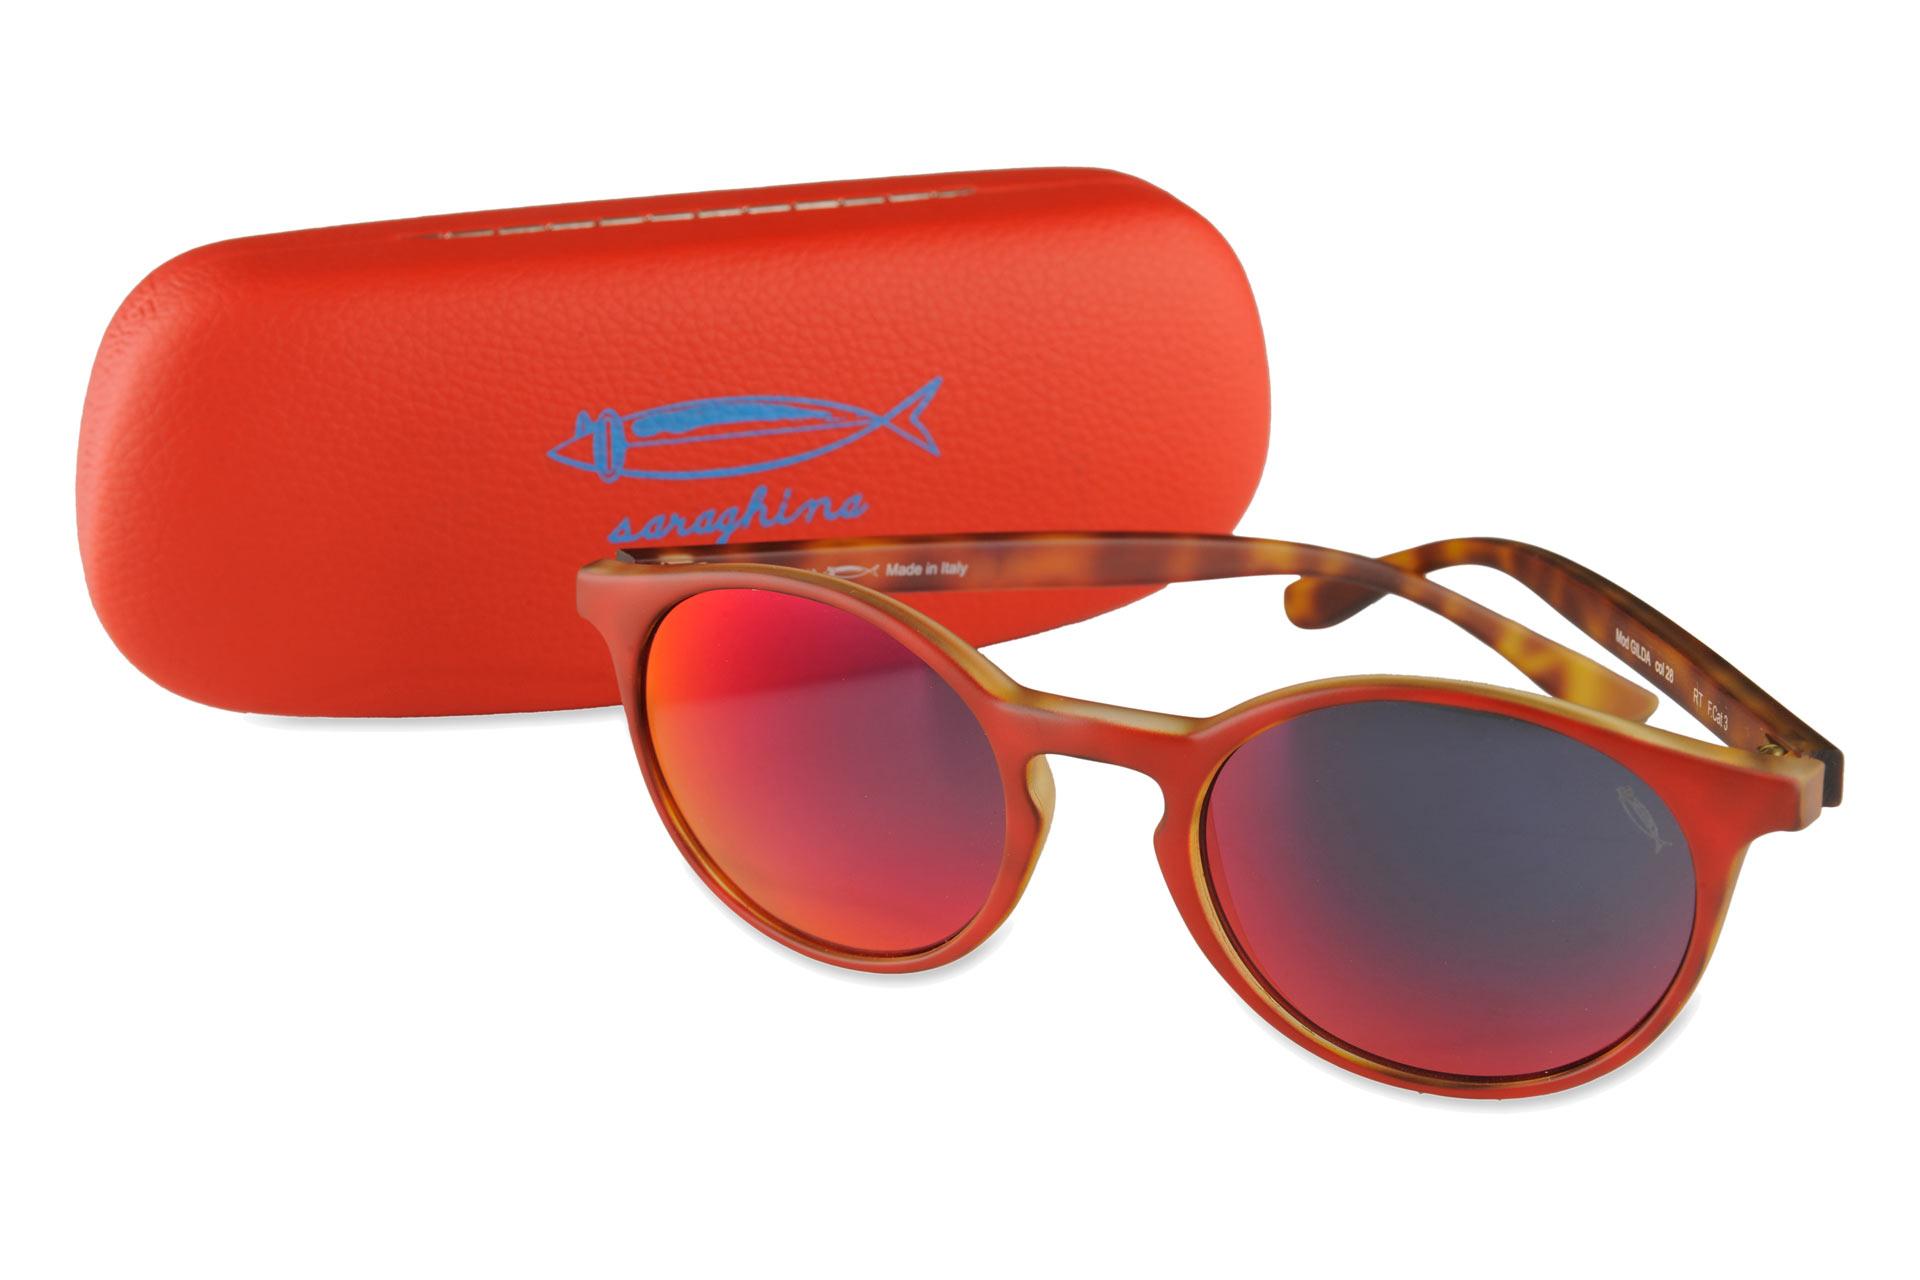 fotografia commerciale e aziendale, still life occhiali da sole